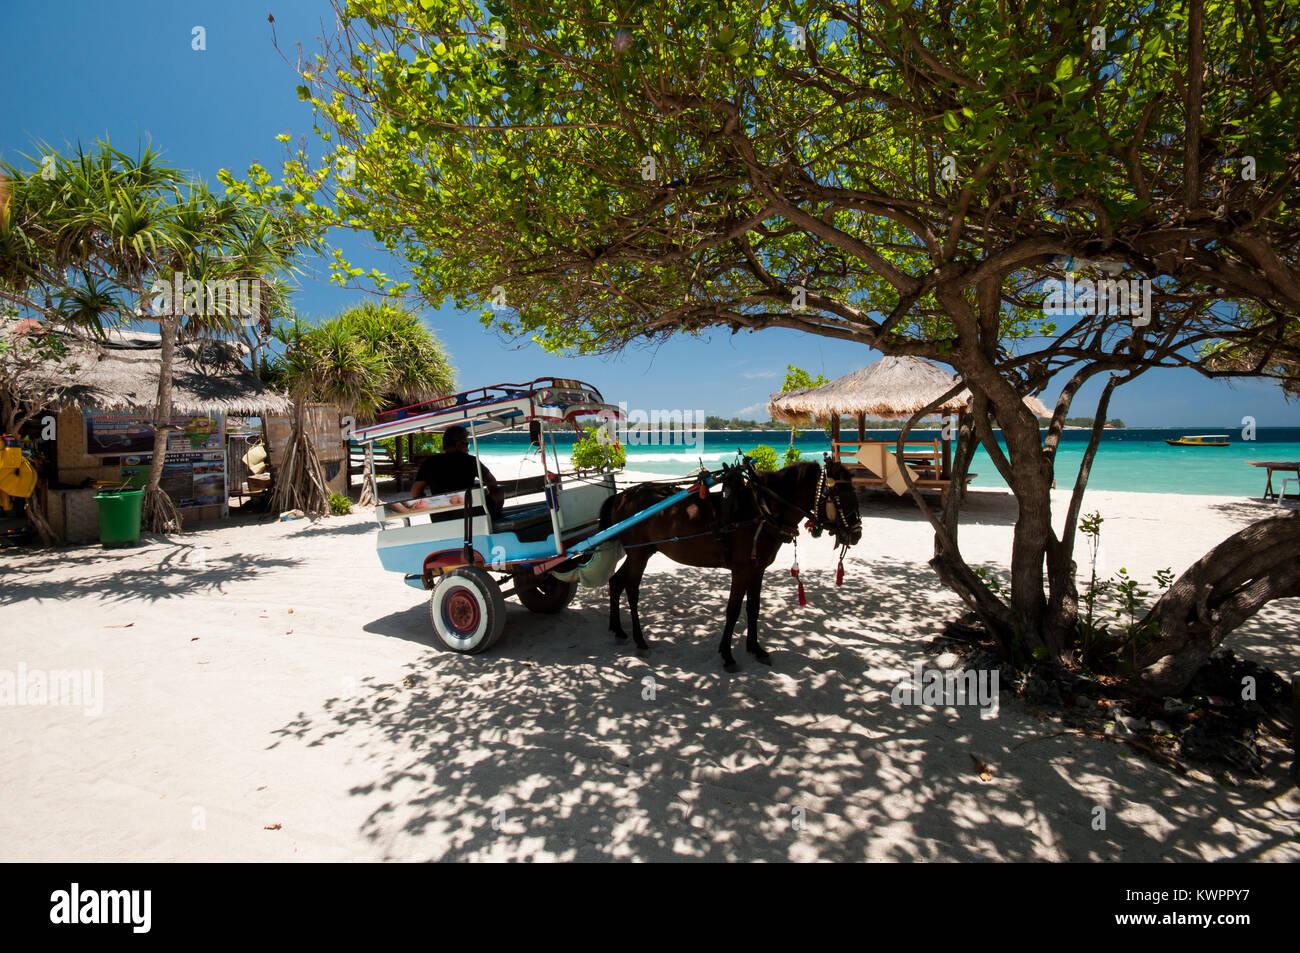 Indonesia, Lombok, Gili arcipelago, Gili Meno, l'unico mezzo di trasporto è il cidomo, carro trainato da Immagini Stock